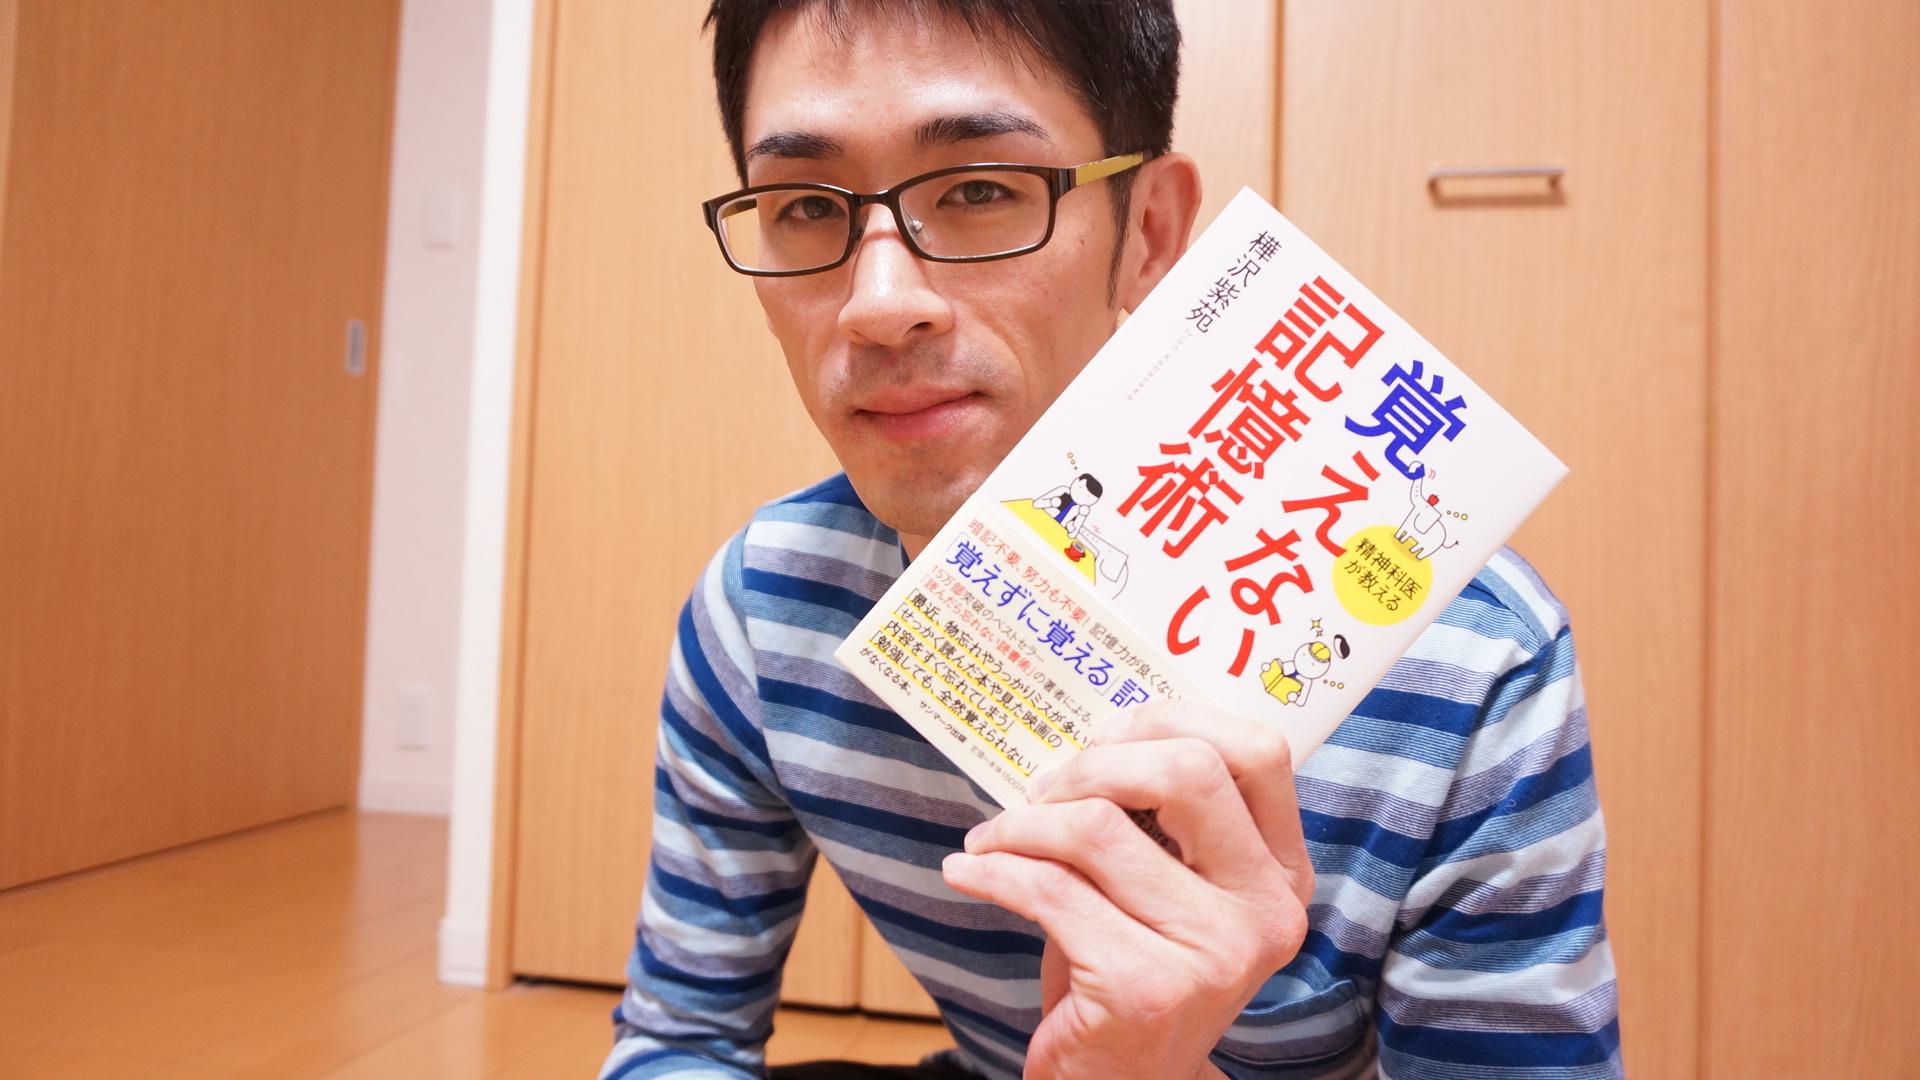 樺沢紫苑先生の「覚えない記憶術」のレビュー、書評